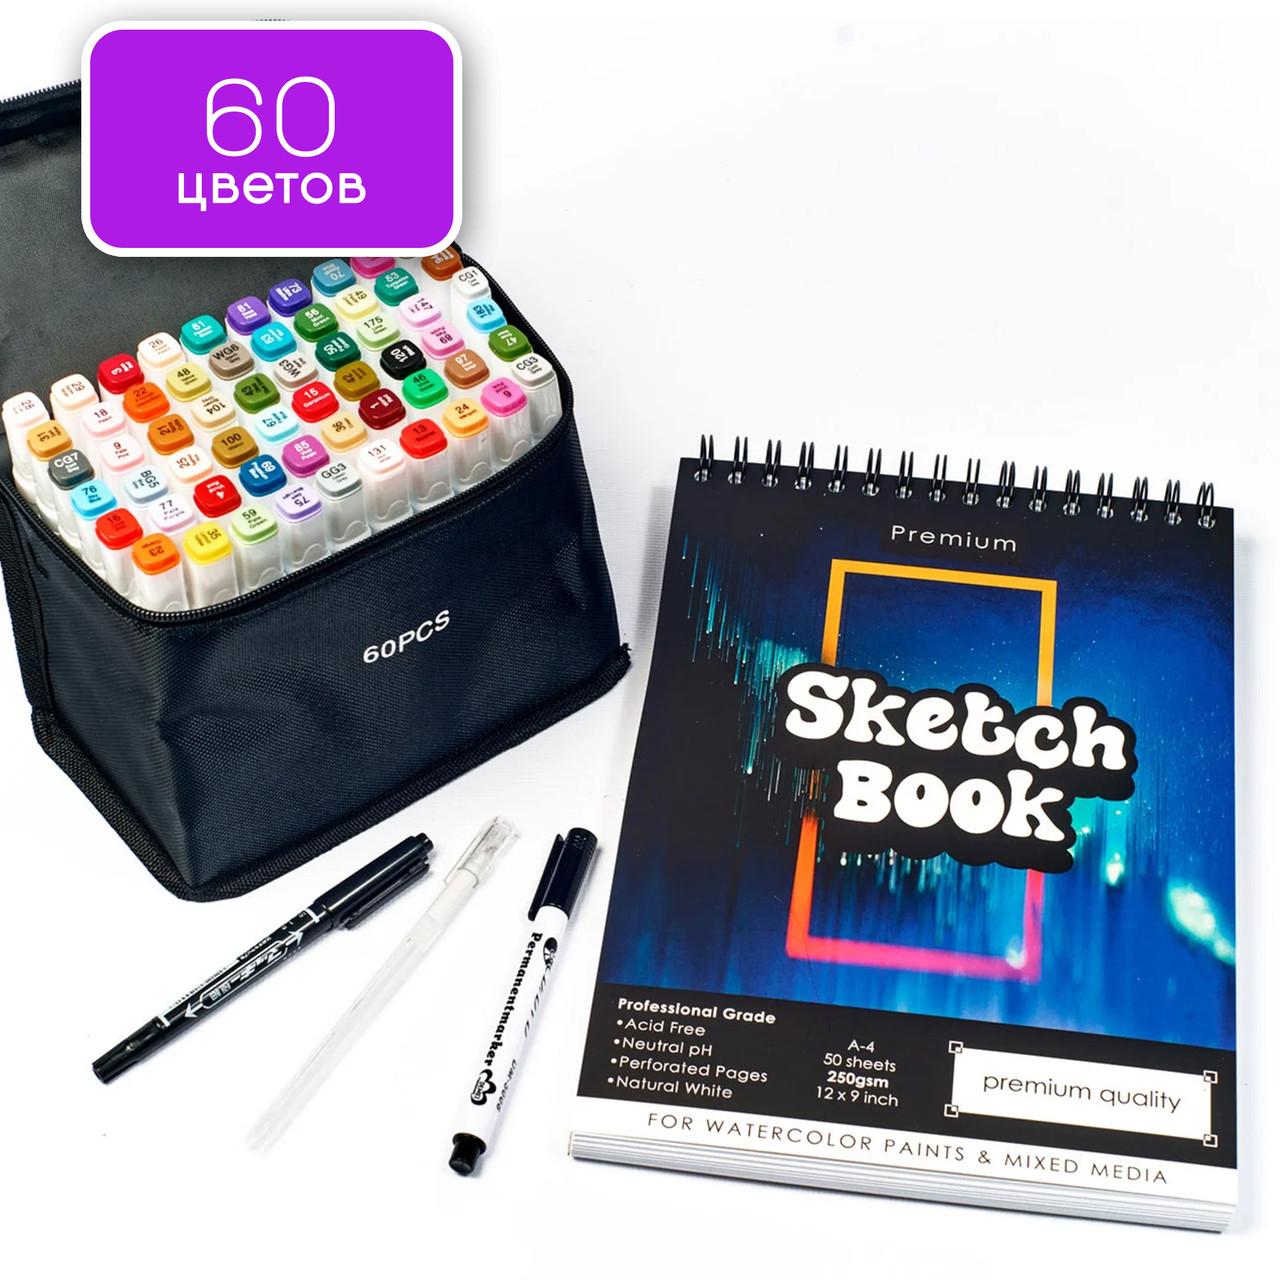 Професійний набір для малювання скетч маркери Touch Smooth 60 шт + скетчбук 50 аркушів А4 + чорні лайнери